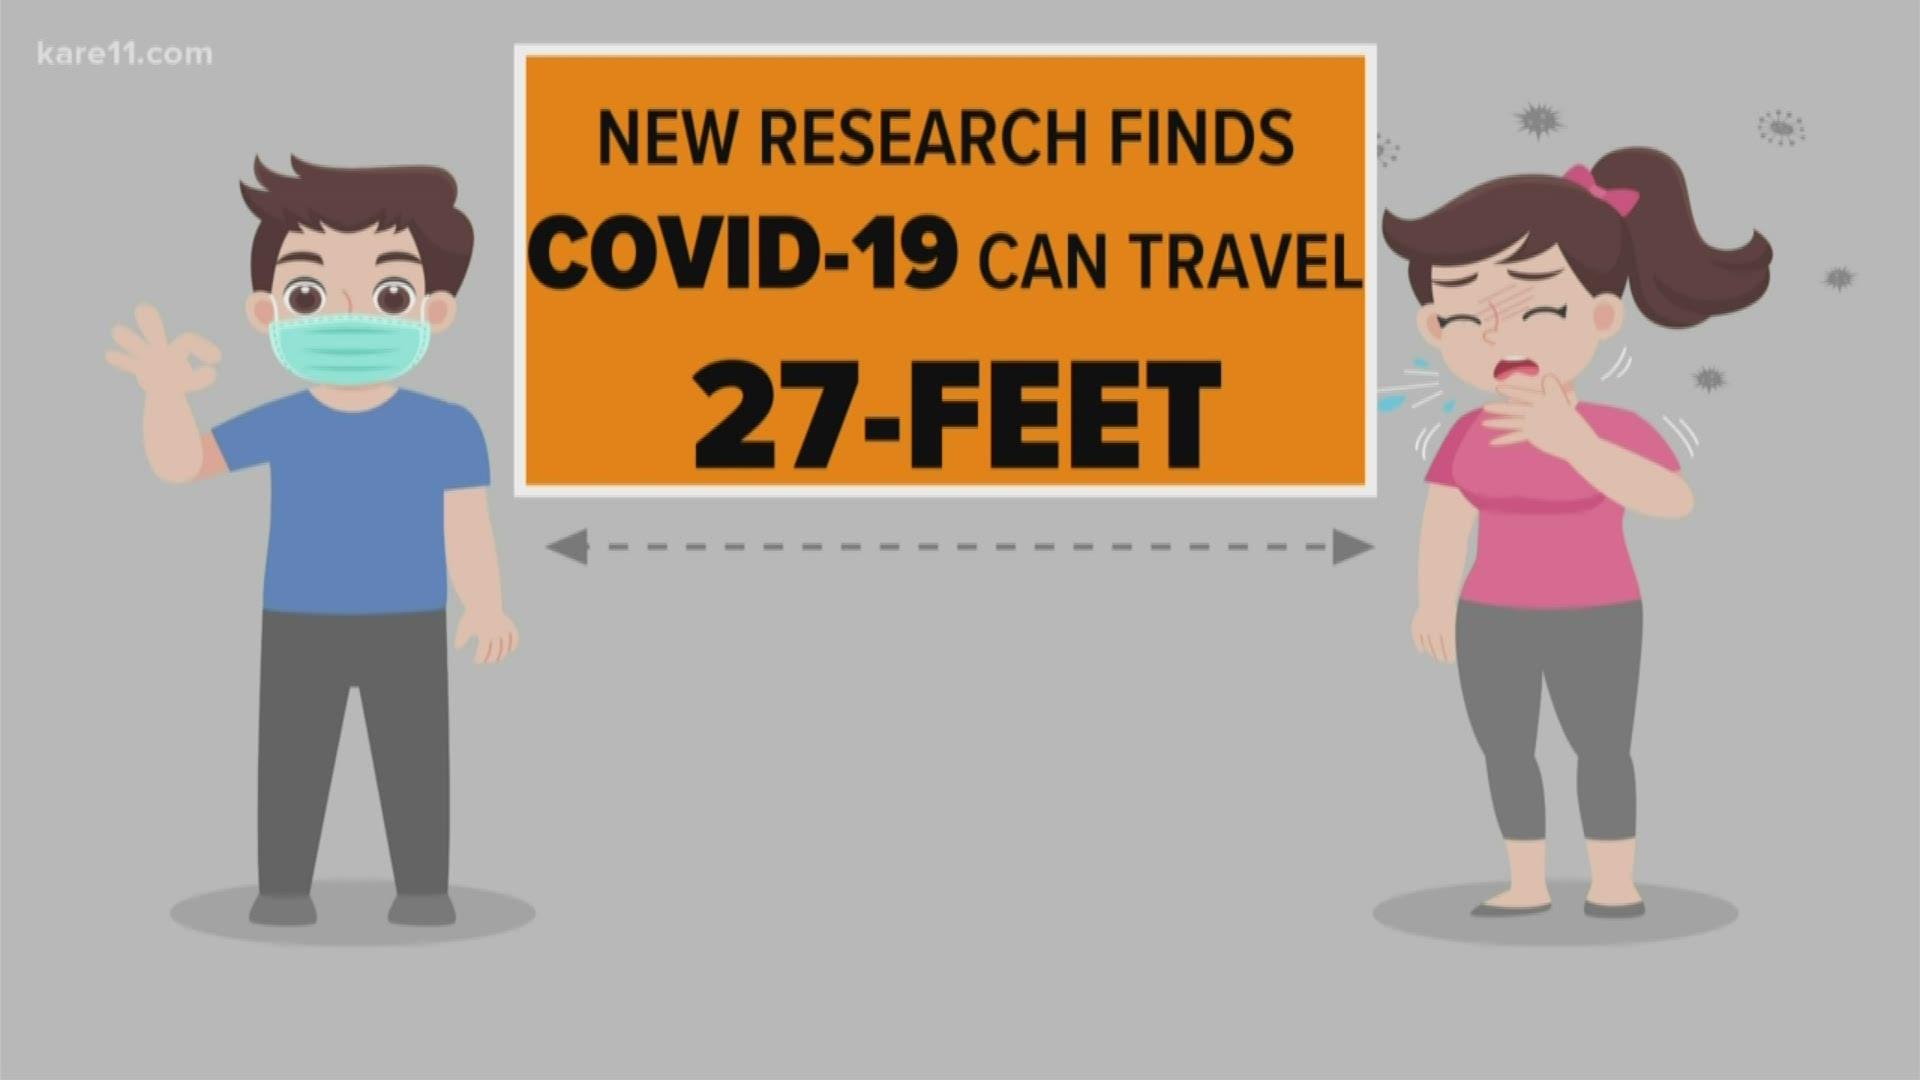 6 Feet 6 digital dive: is 6 feet far enough?